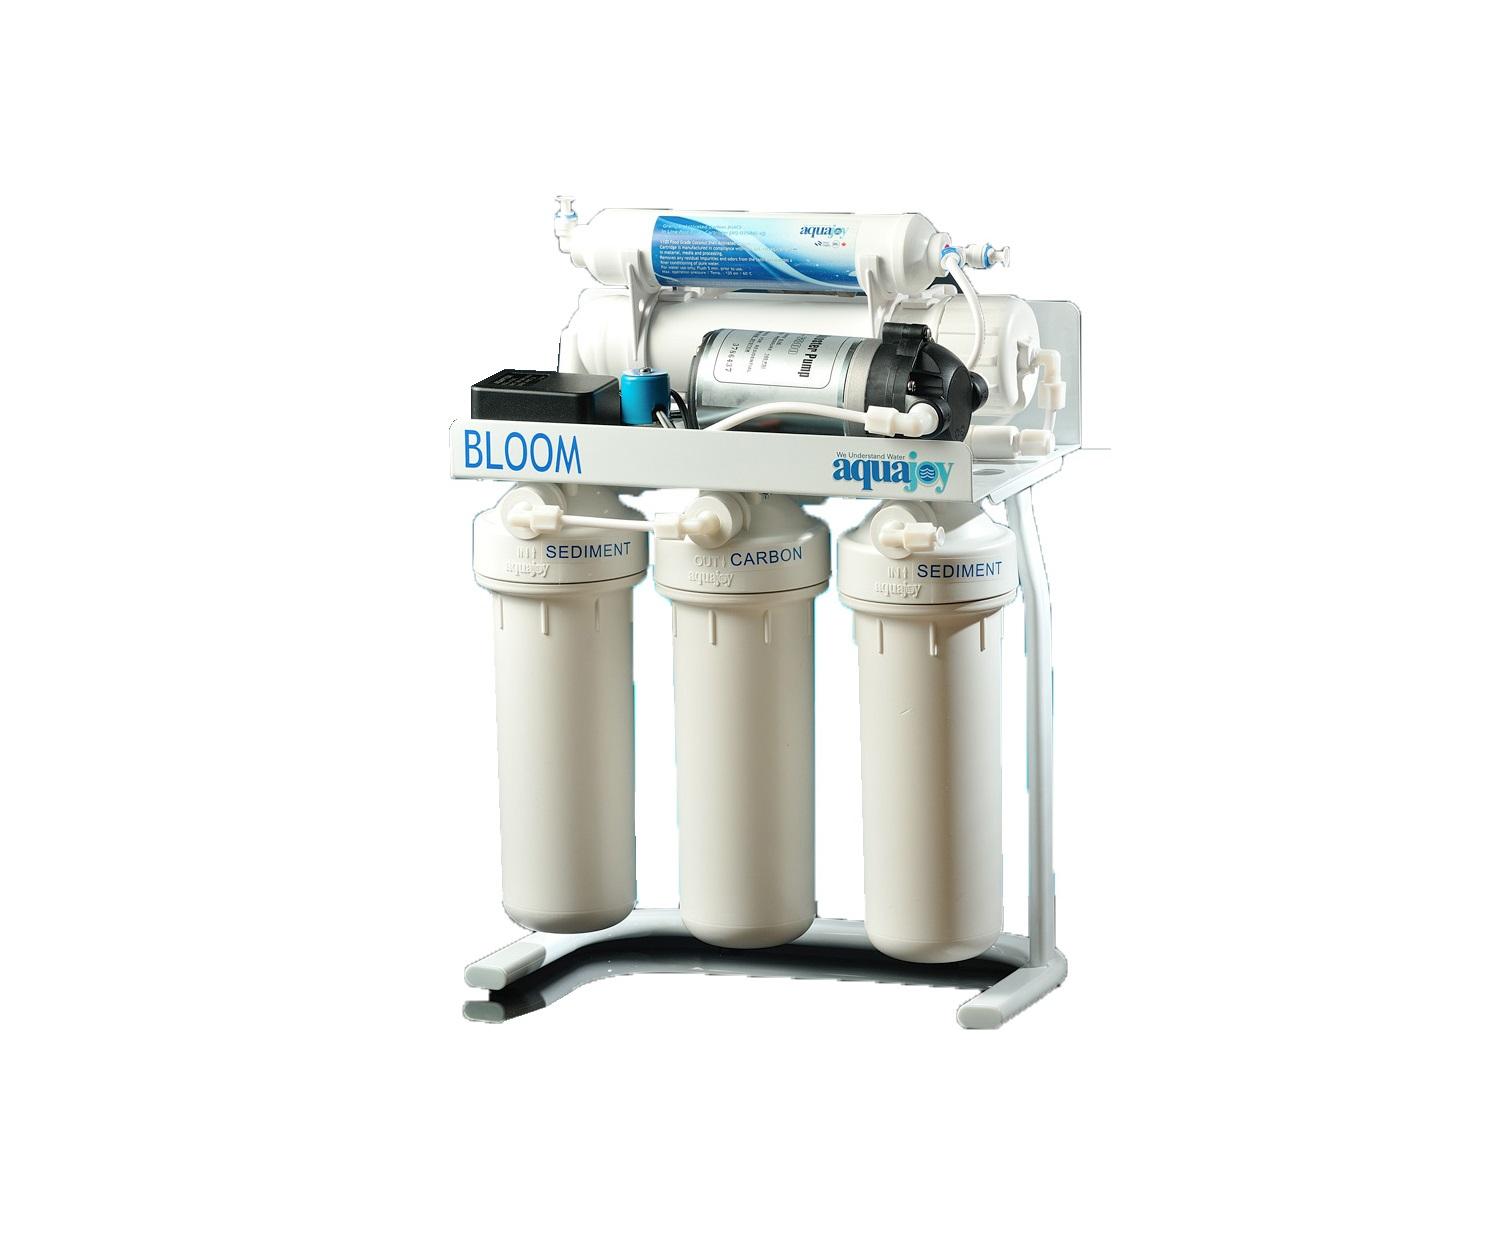 دستگاه تصفیه آب پنج مرحله ای بلوم